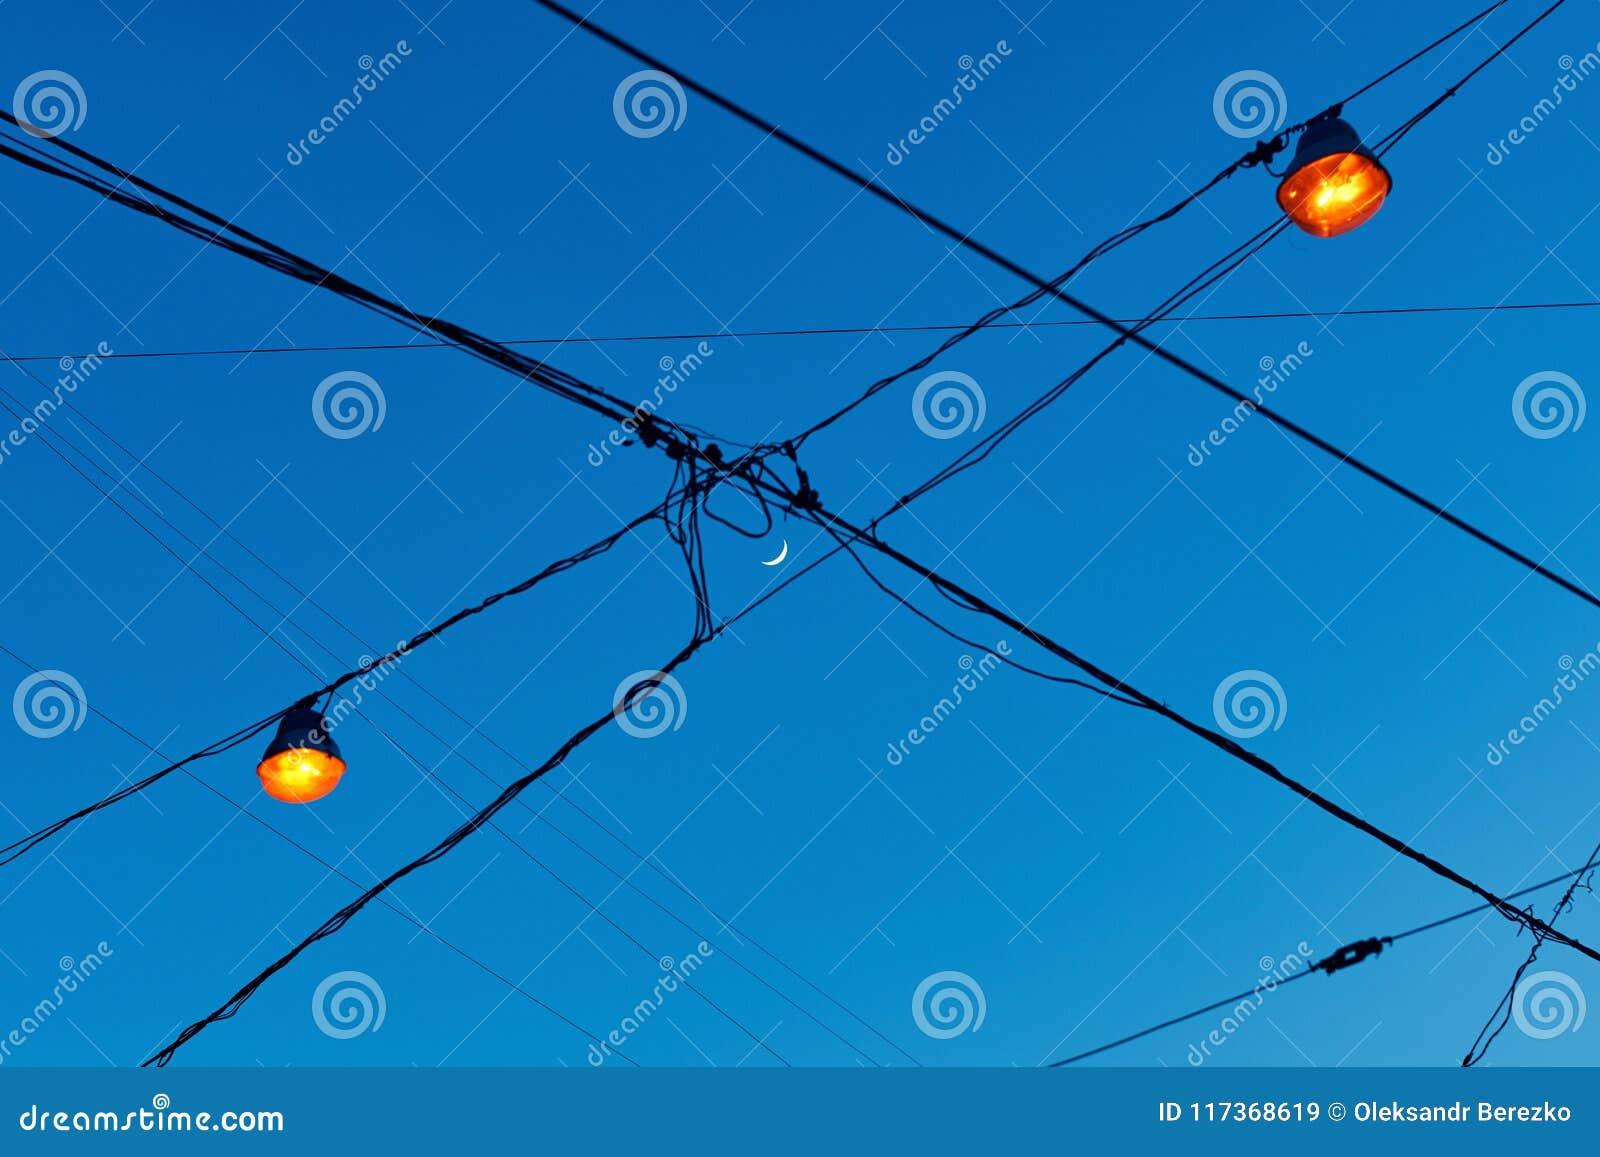 Ideia do crescente da lua nova através dos fios bondes na rua com luzes que foram iluminadas apenas